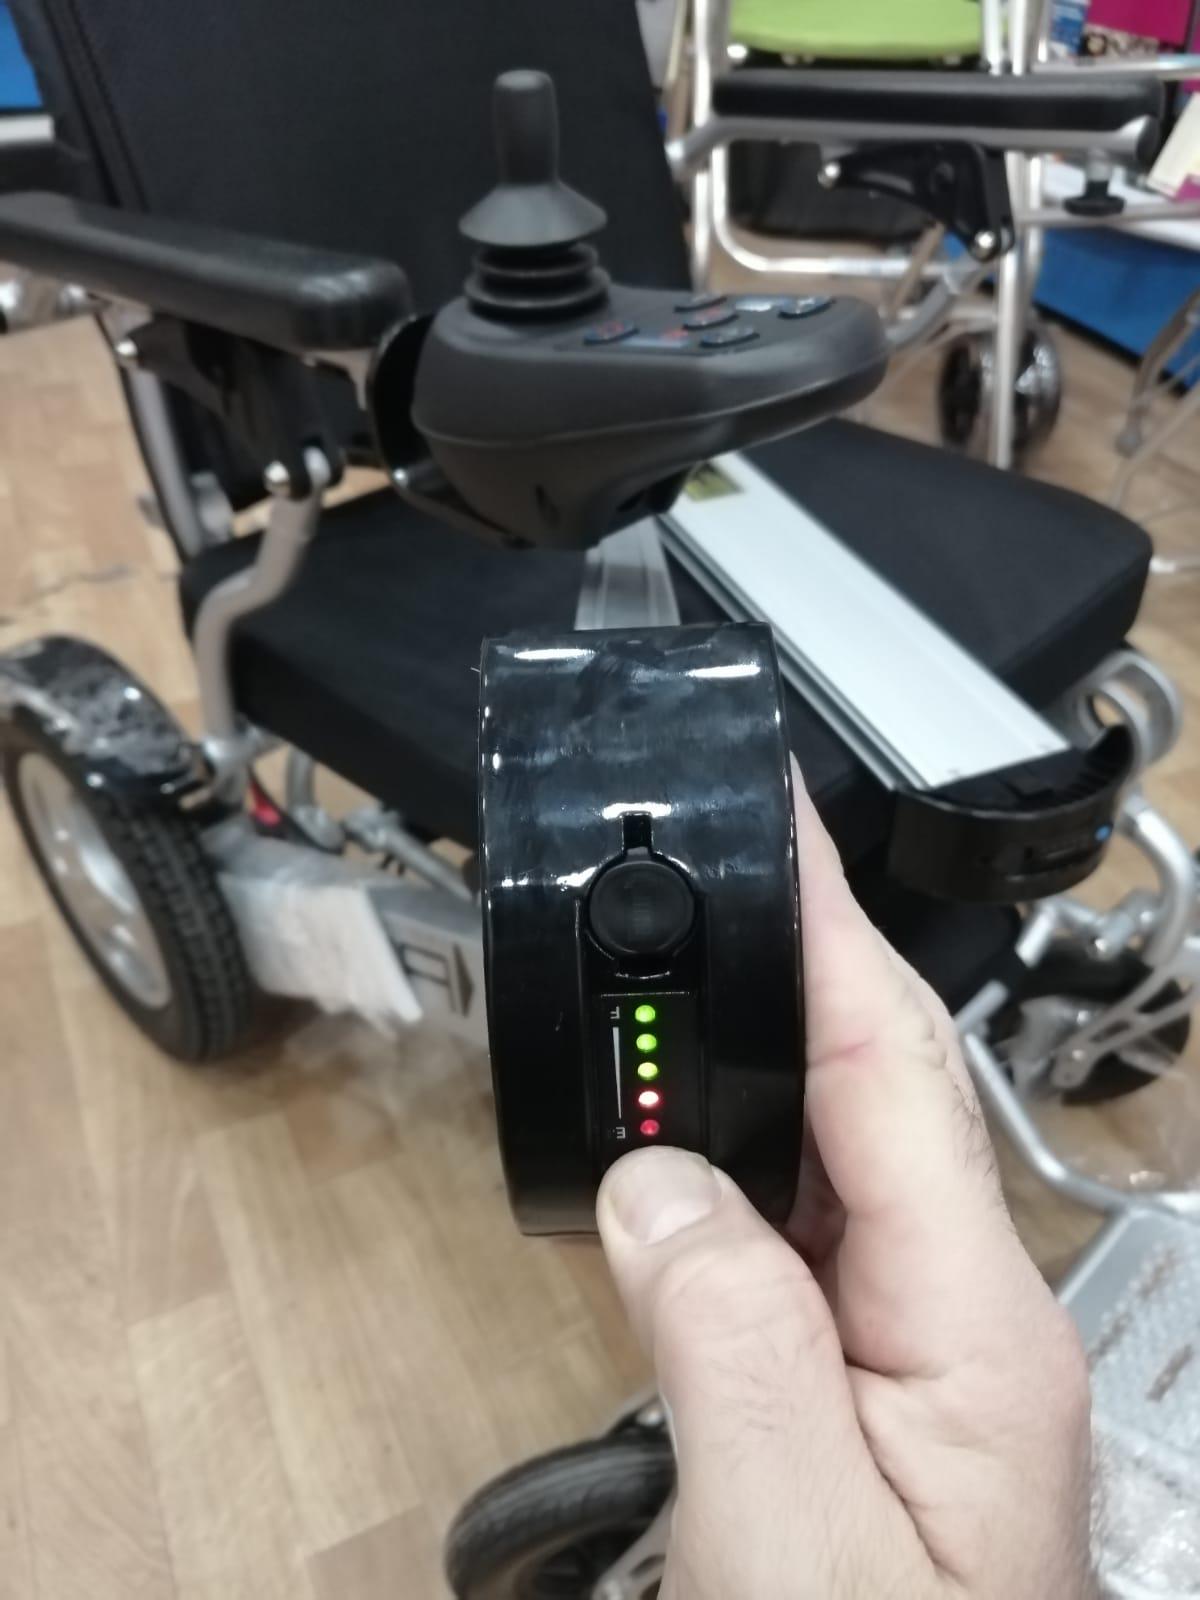 Baterias de litio de la silla de ruedas electrica SPA con indicador de bateria